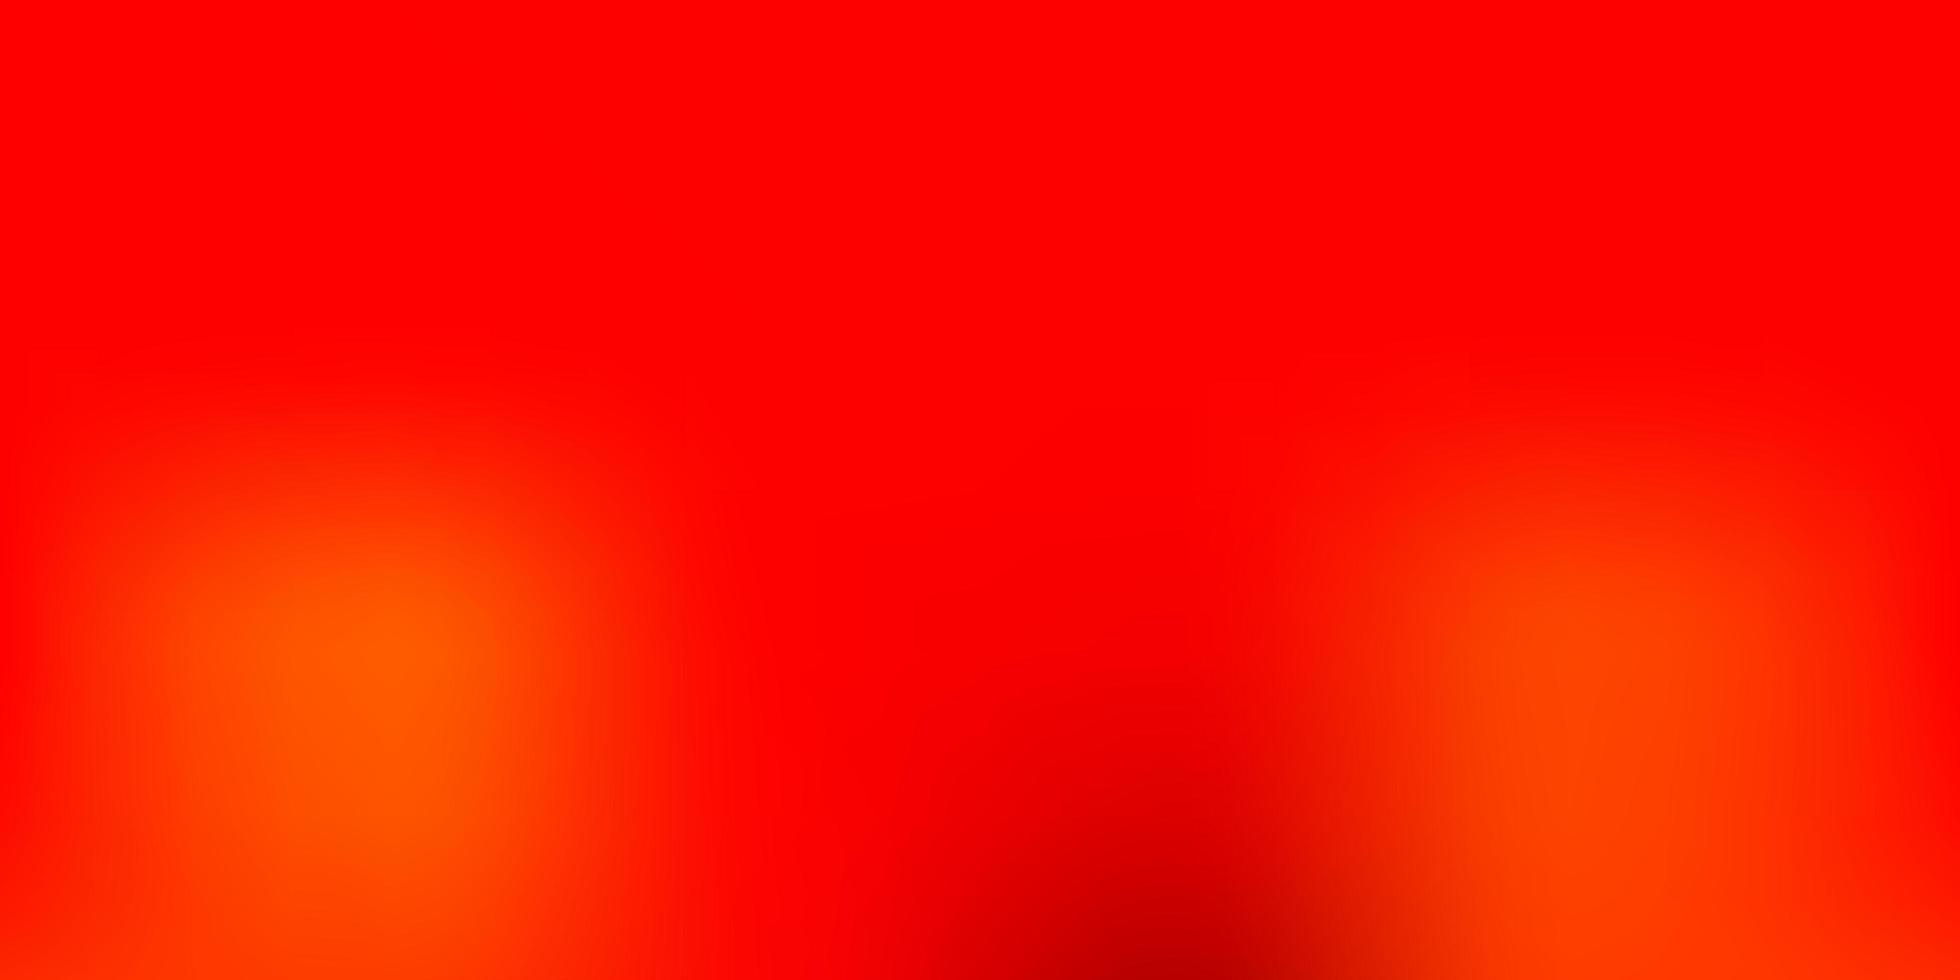 Desenho do borrão do sumário do vetor laranja claro.